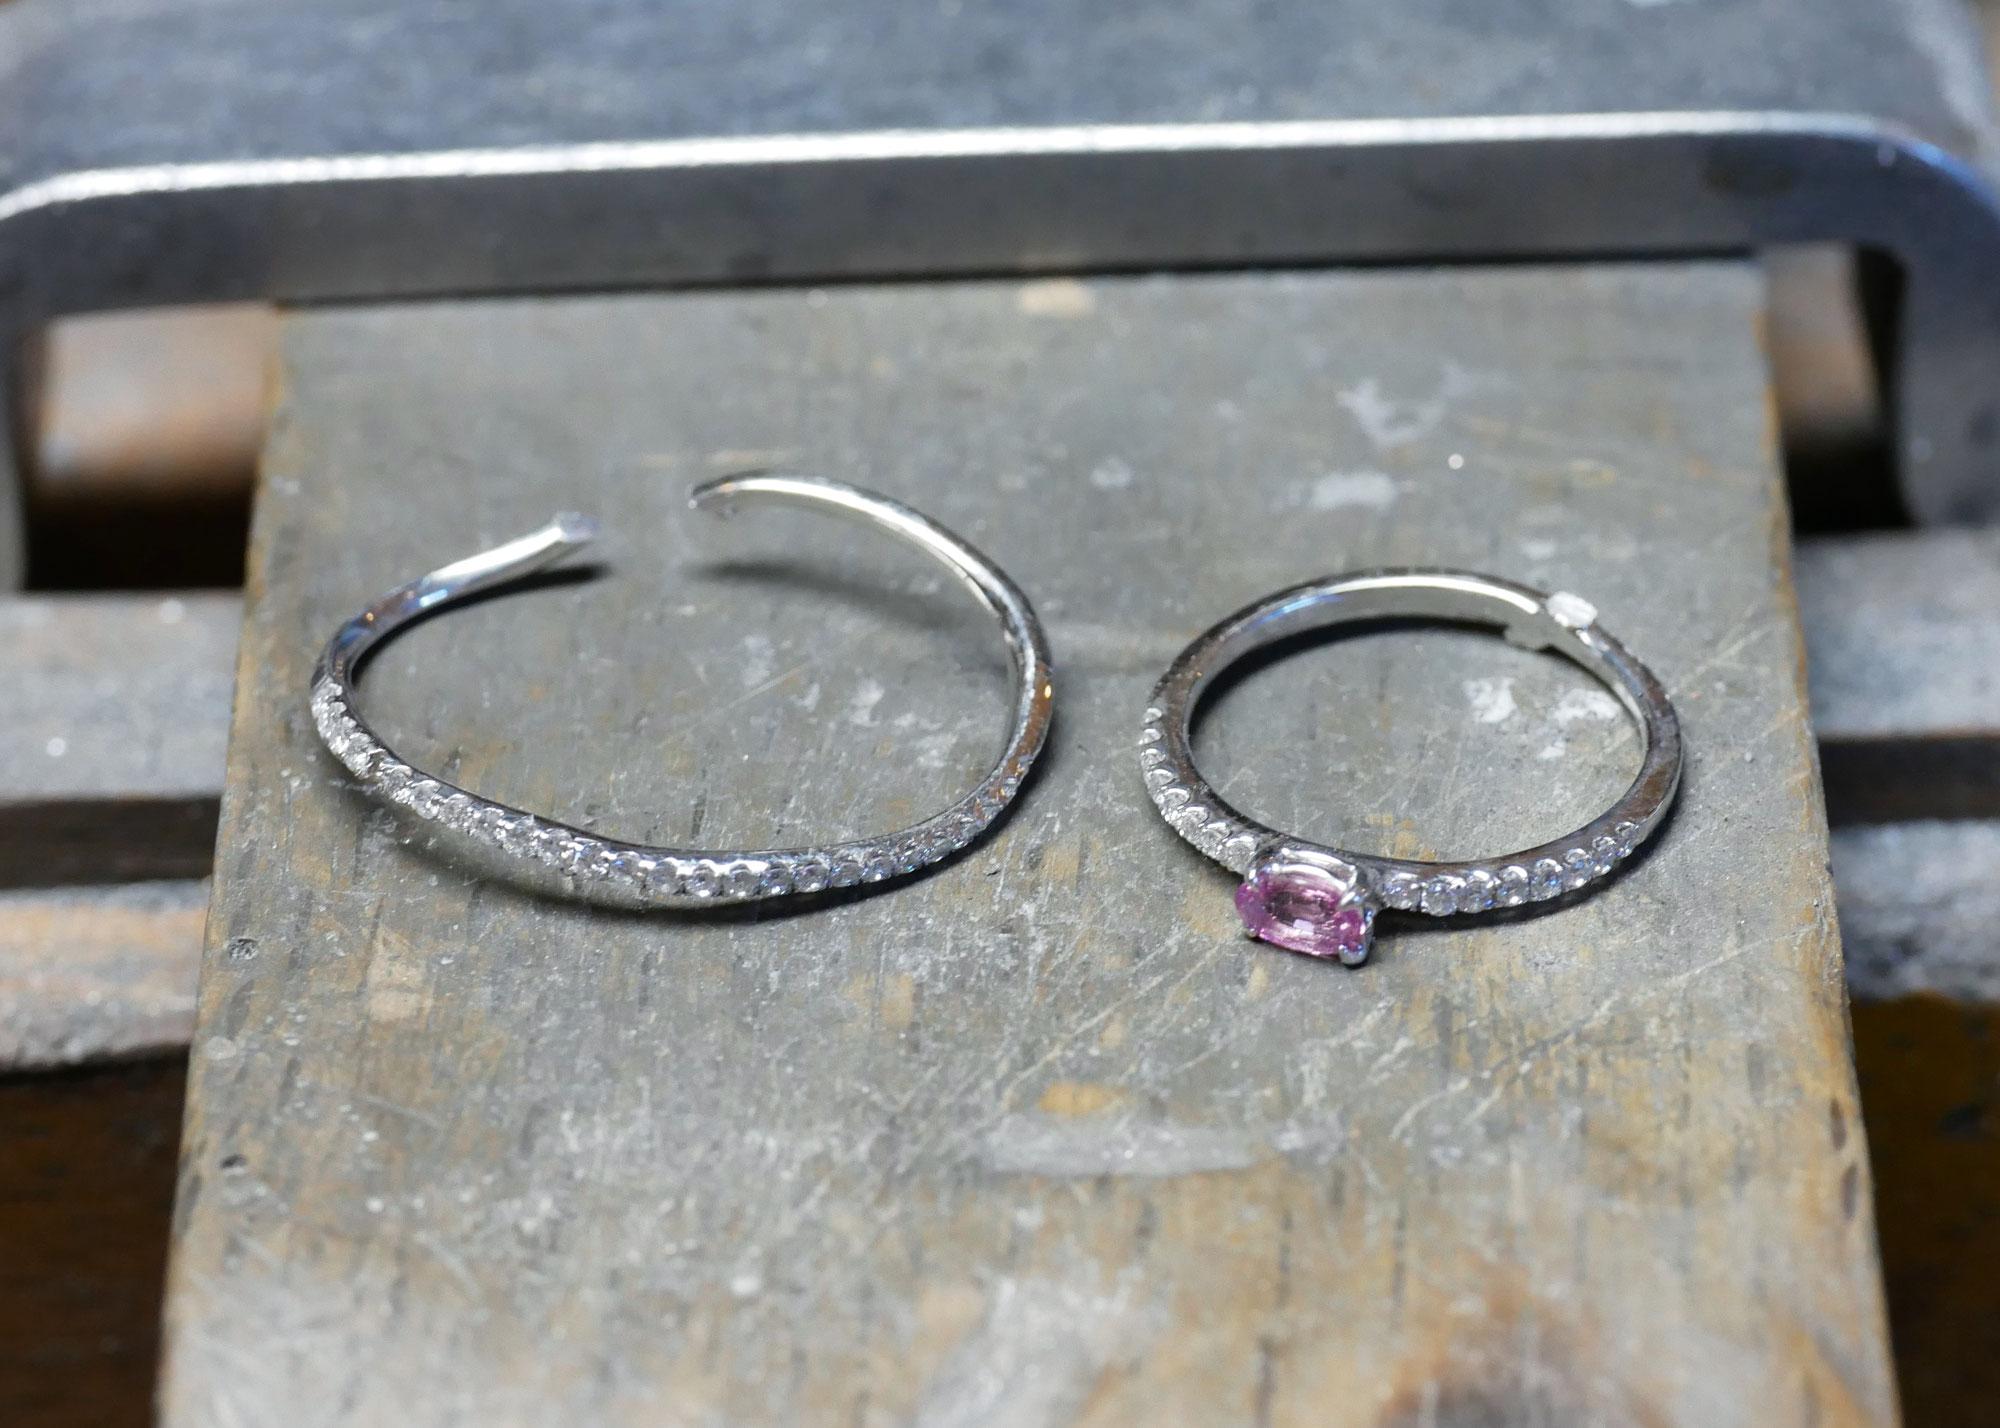 【前編】1つの指輪から指輪とネックレスにリフォーム!!